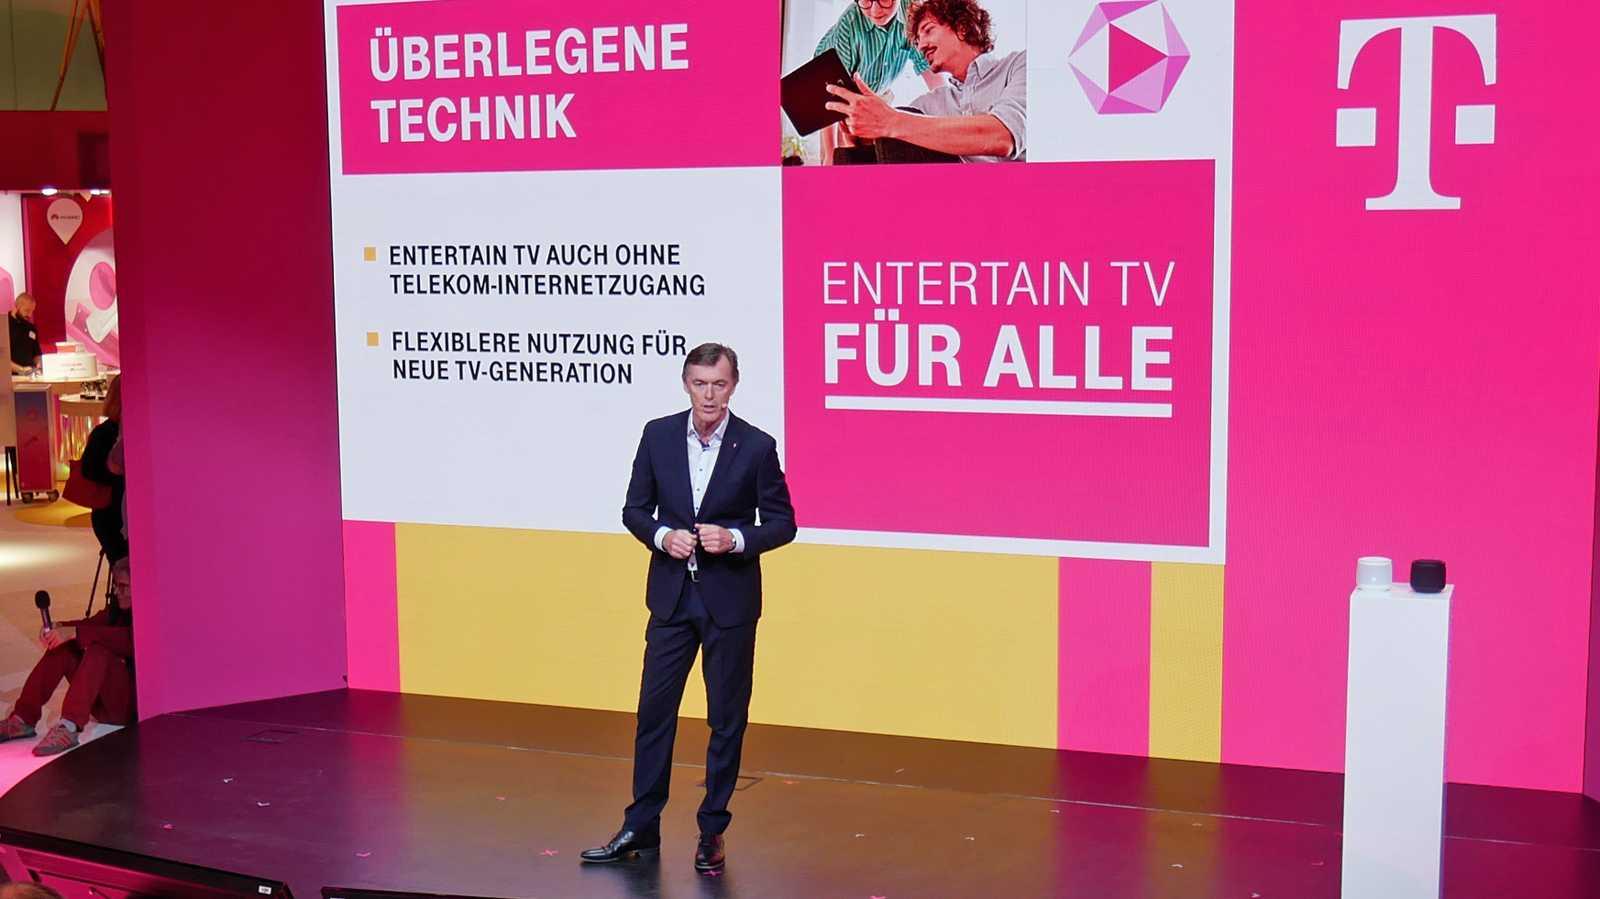 Telekom öffnet EntertainTV für alle